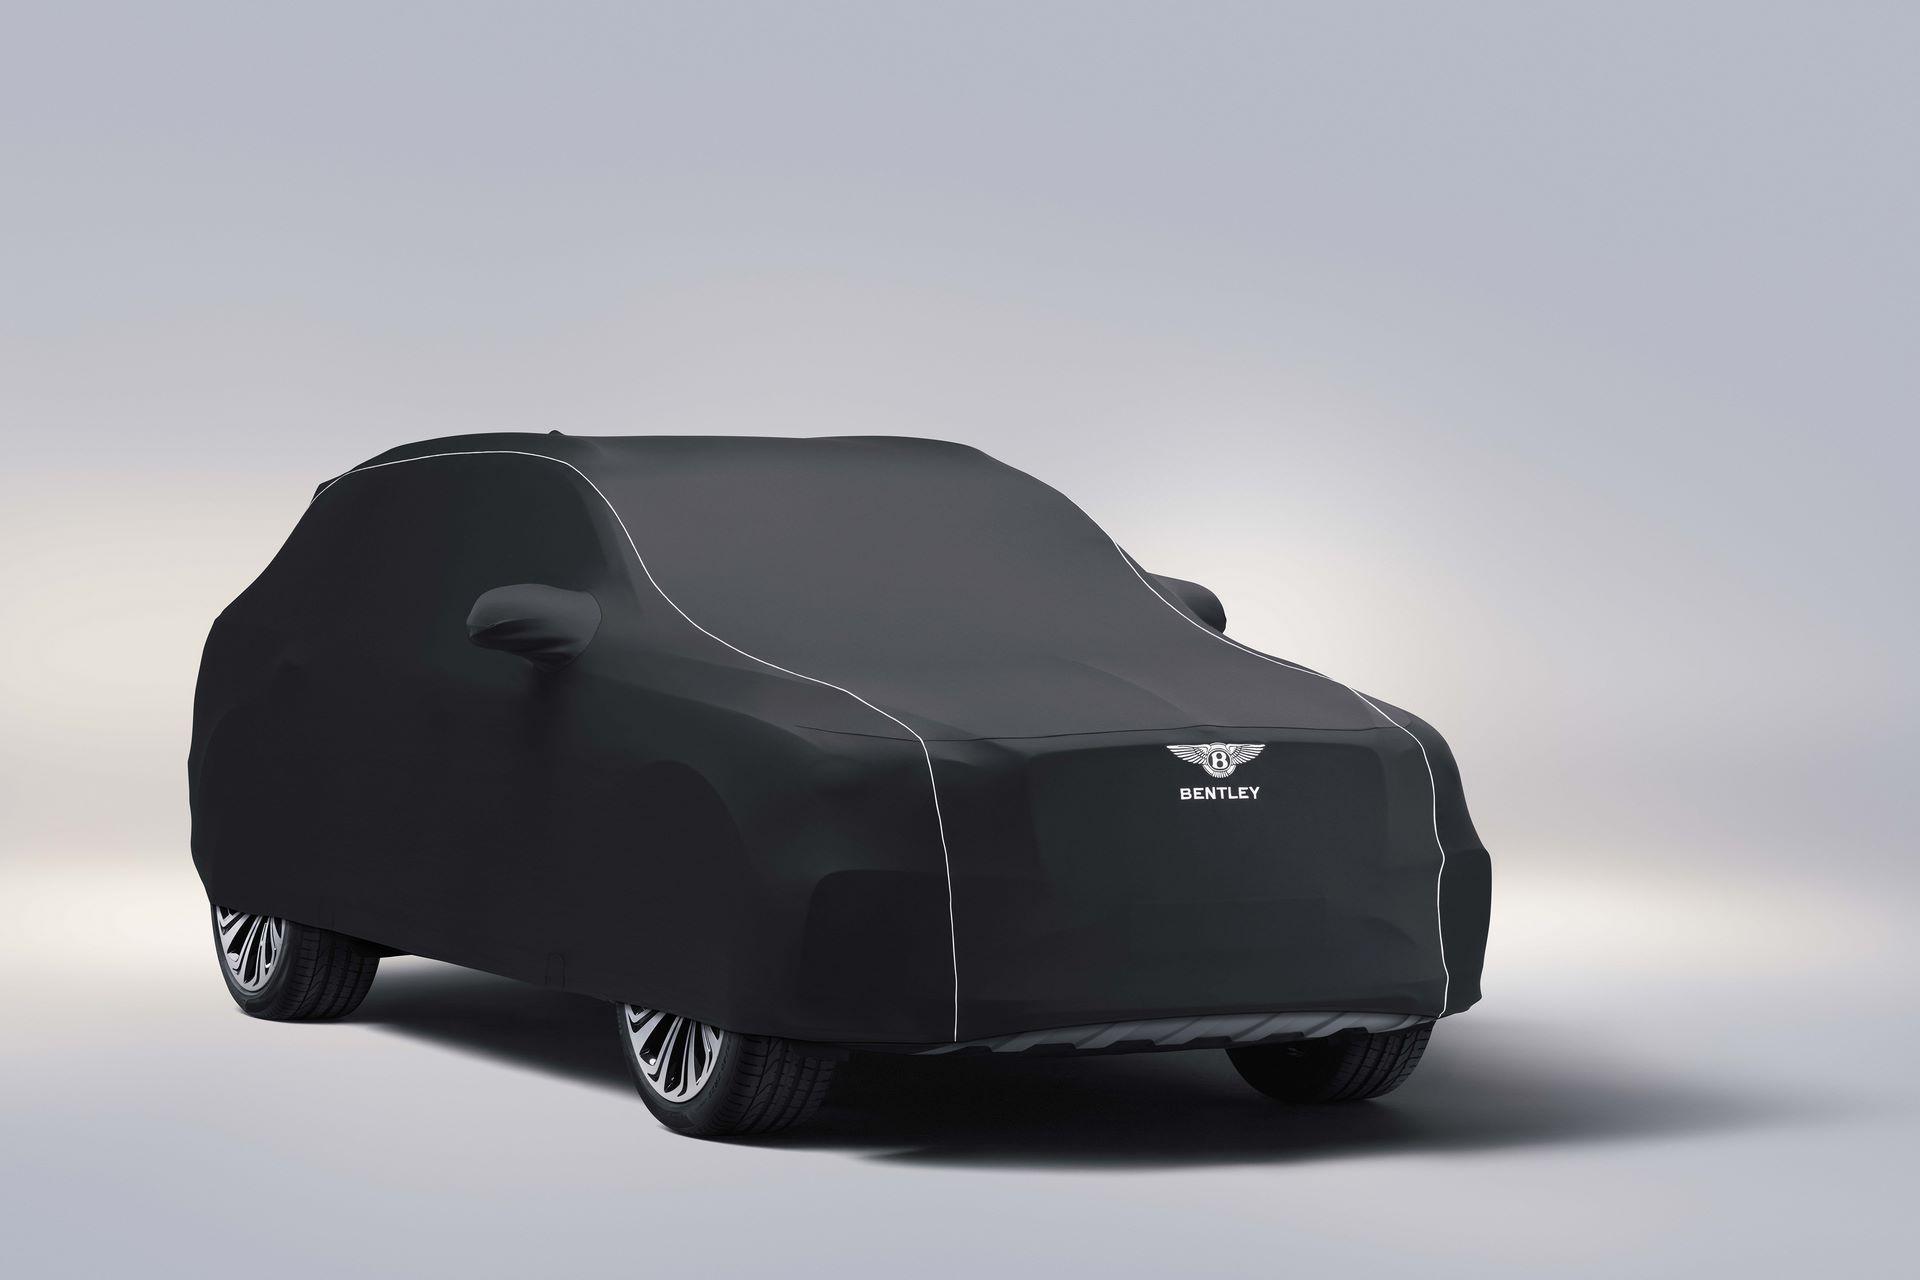 Bentley-Bentayga-Accessories-12